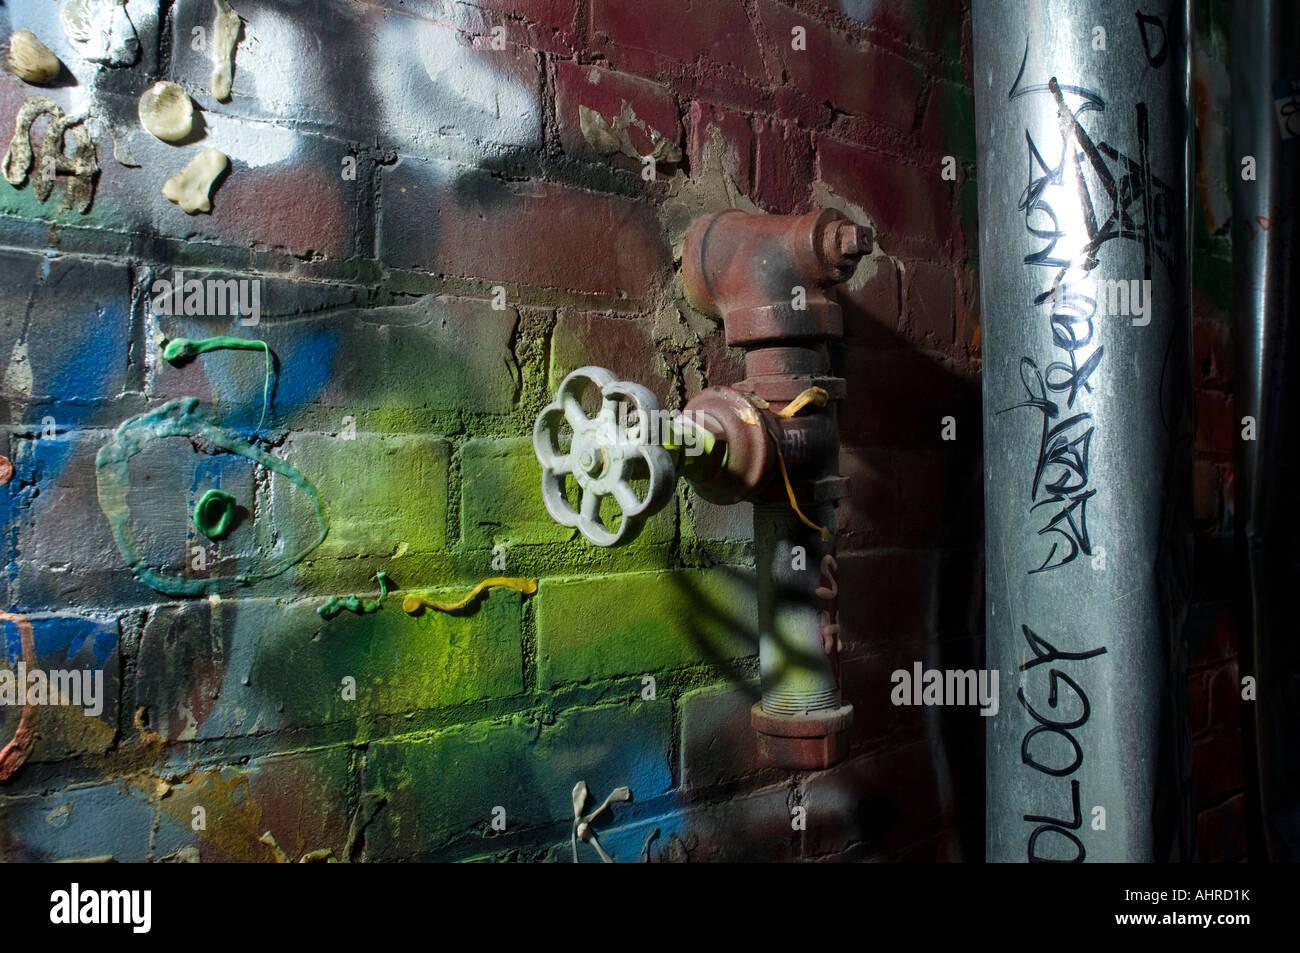 Graffiti wall ann arbor - Graffiti Covered Wall And Valve Ann Arbor Michigan